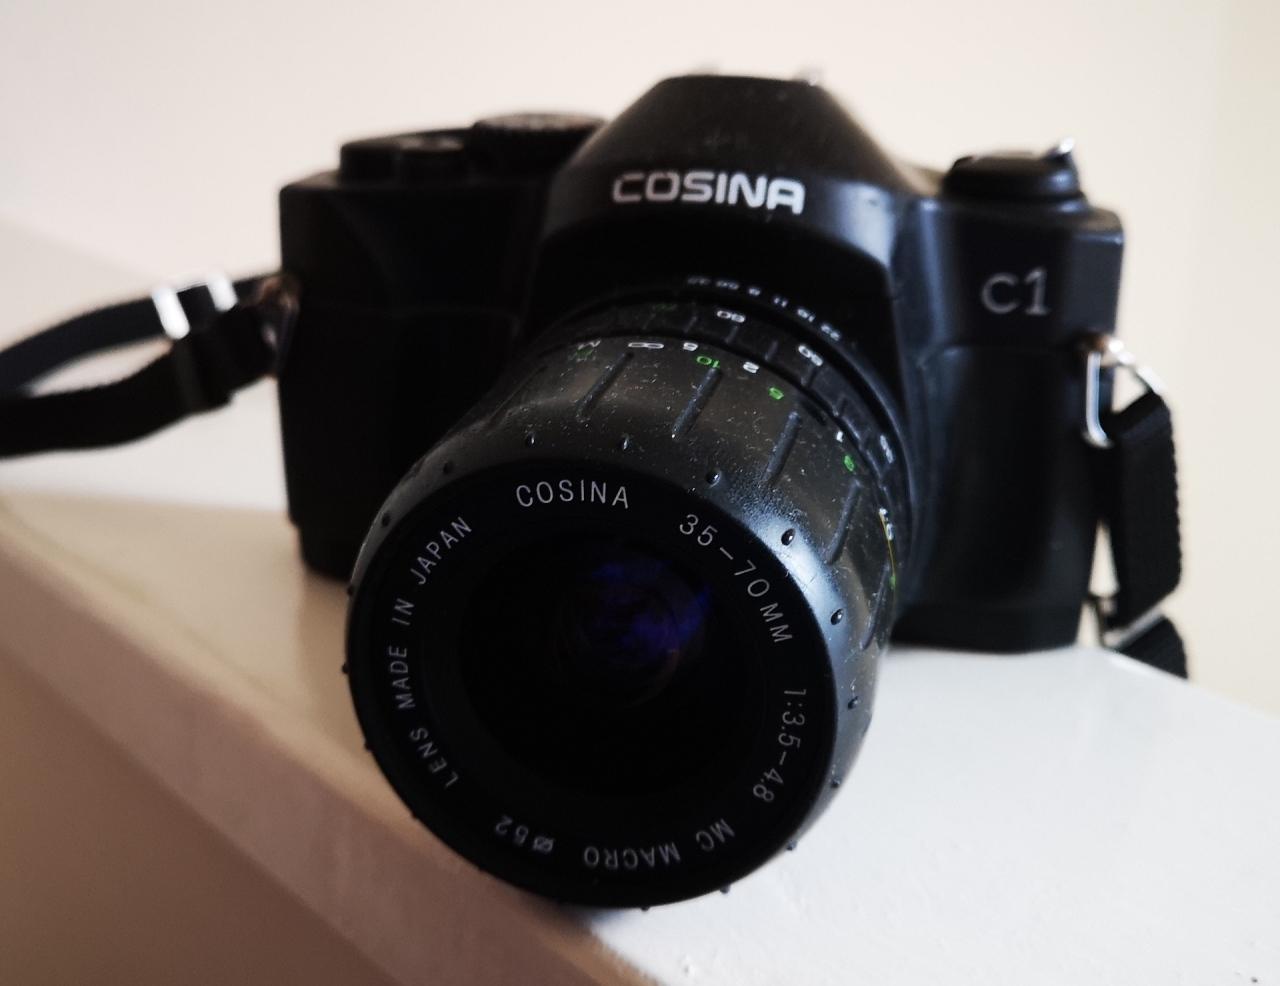 Cosina C1